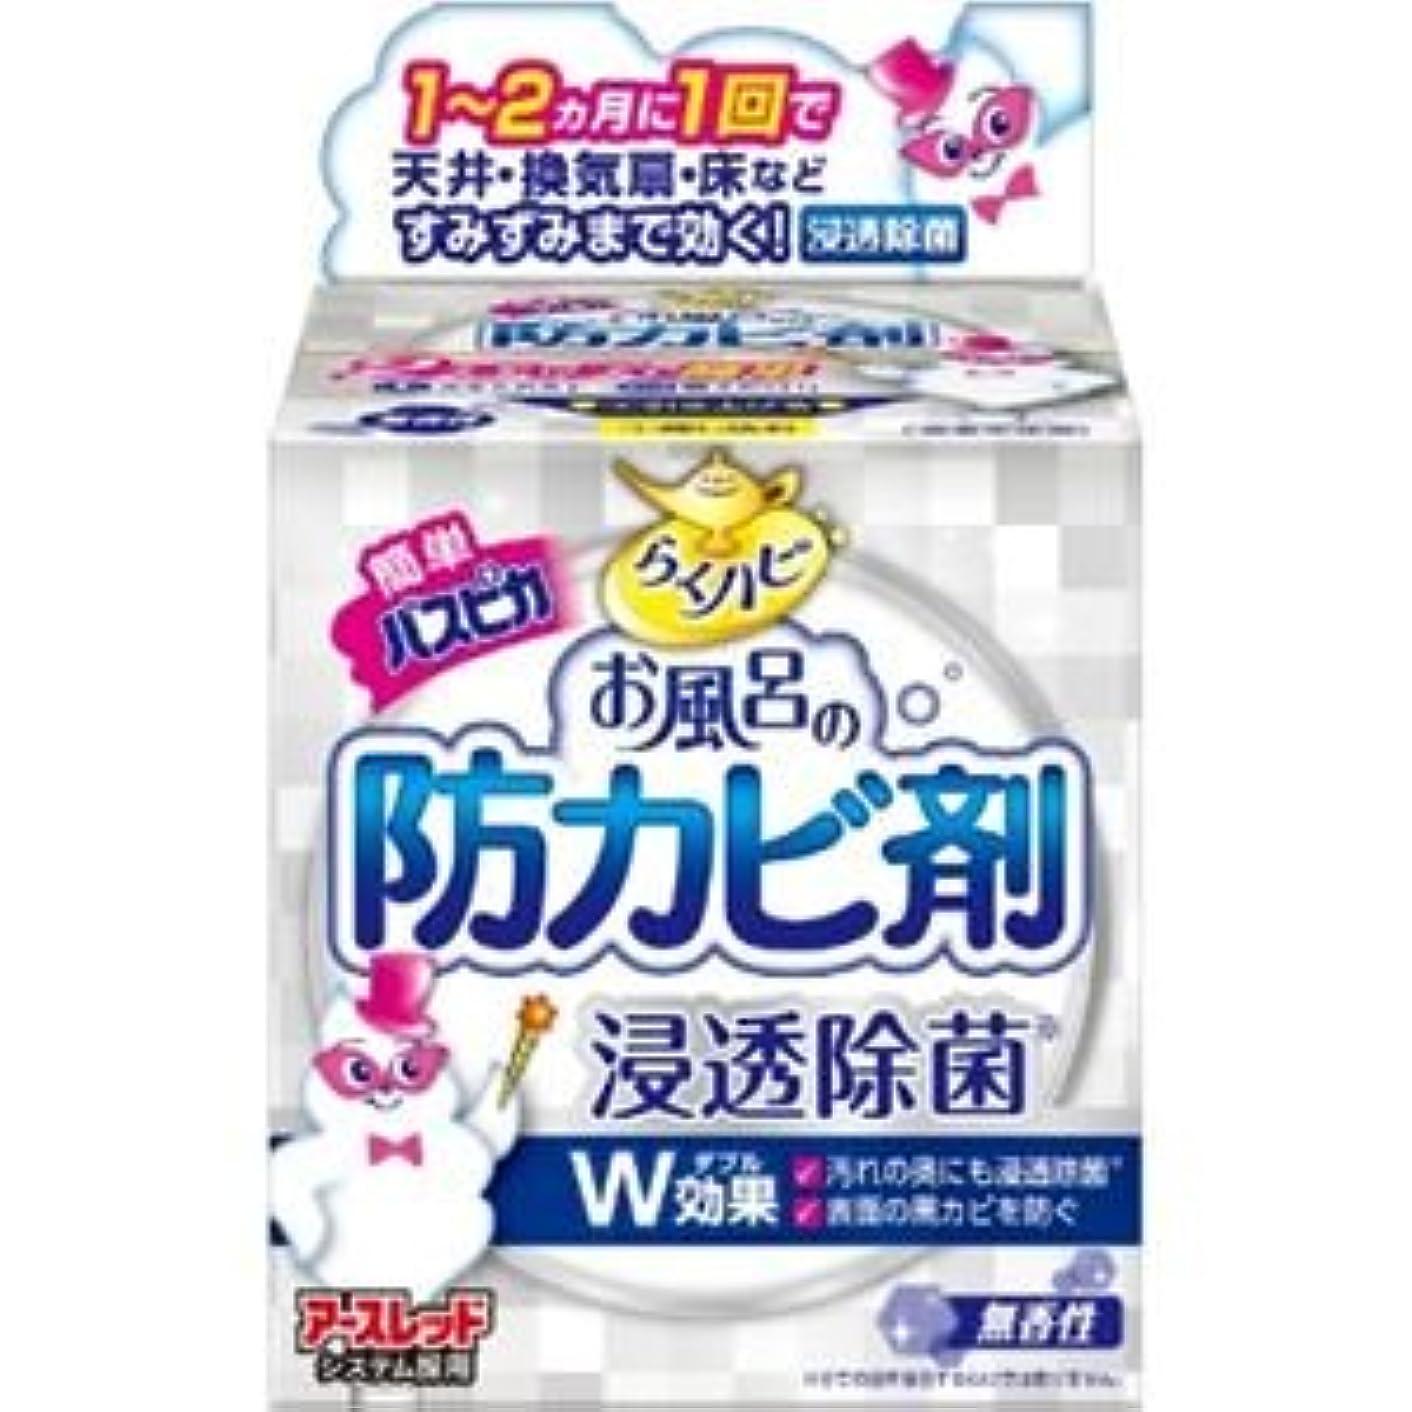 ムスタチオ予約動かす(まとめ)アース製薬 らくハピお風呂の防カビ剤無香性 【×3点セット】